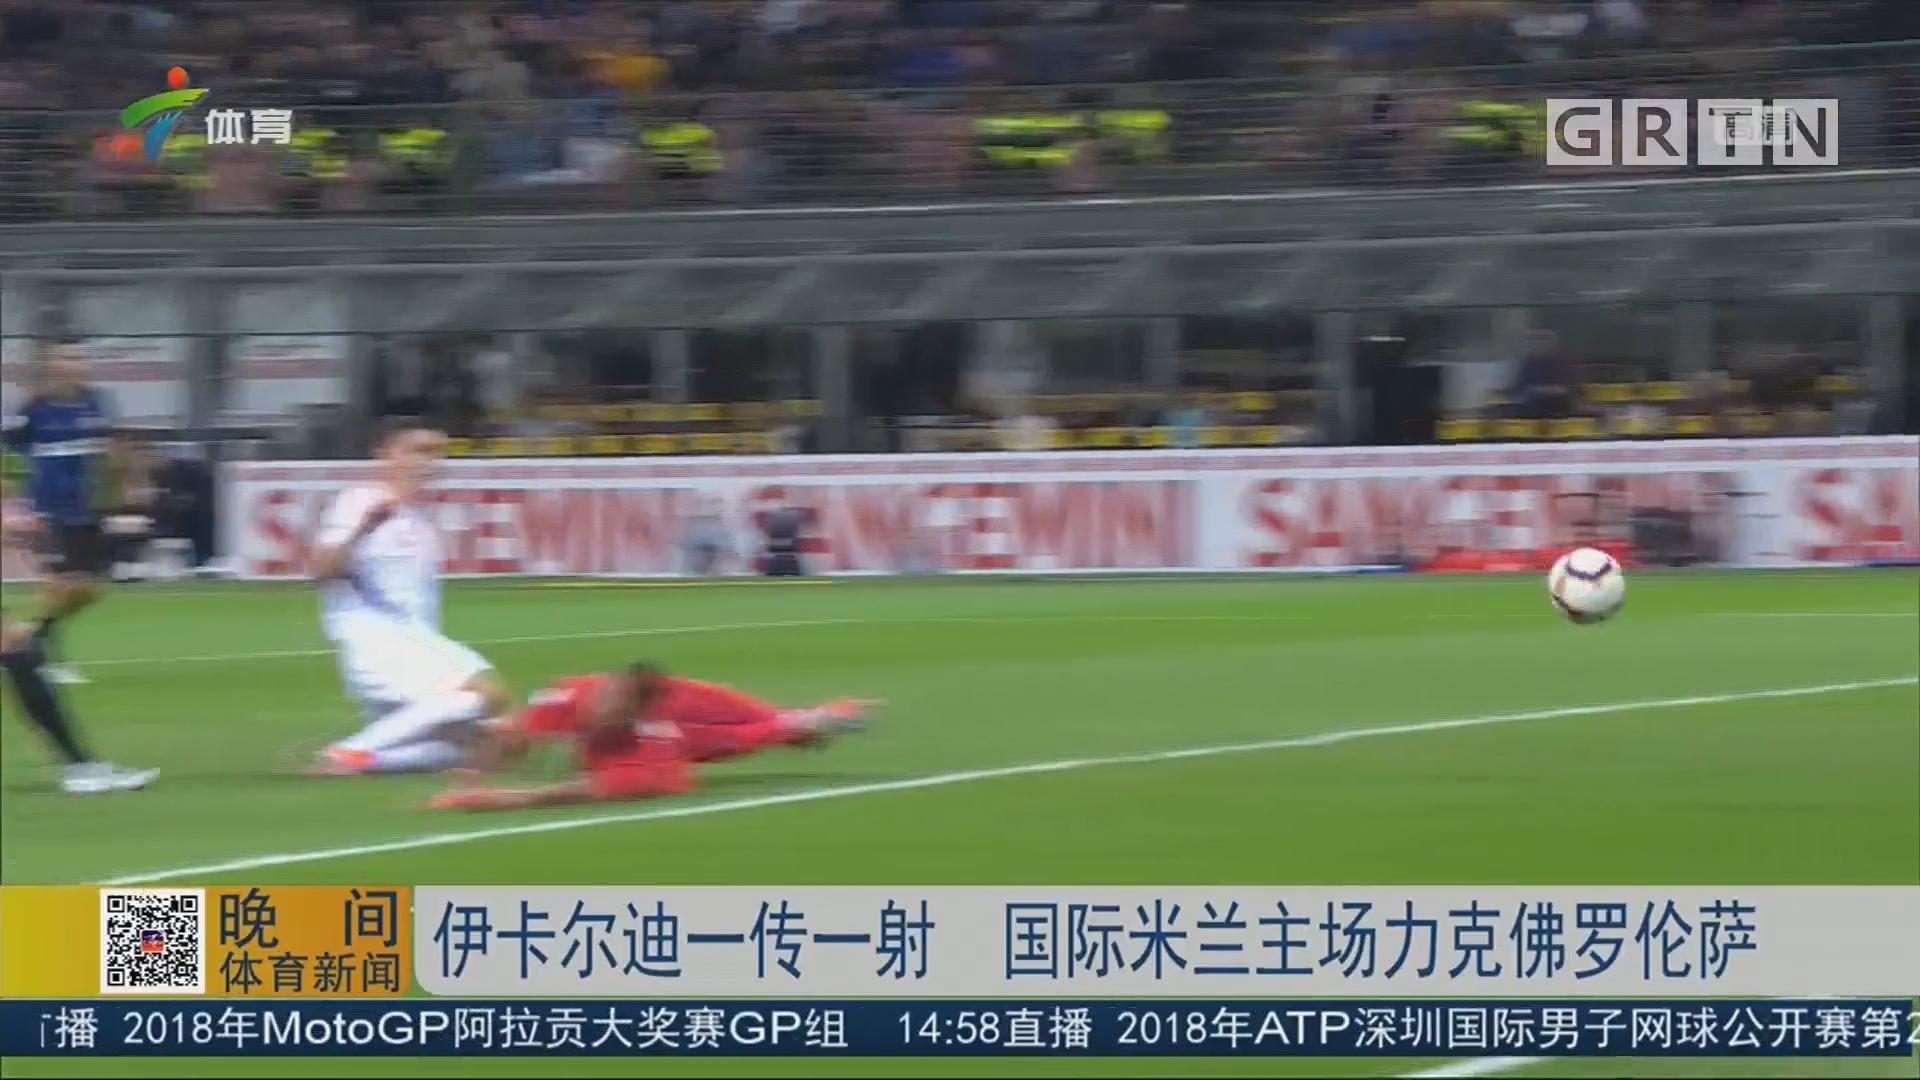 伊卡尔迪一传一射 国际米兰主场力克佛罗伦萨